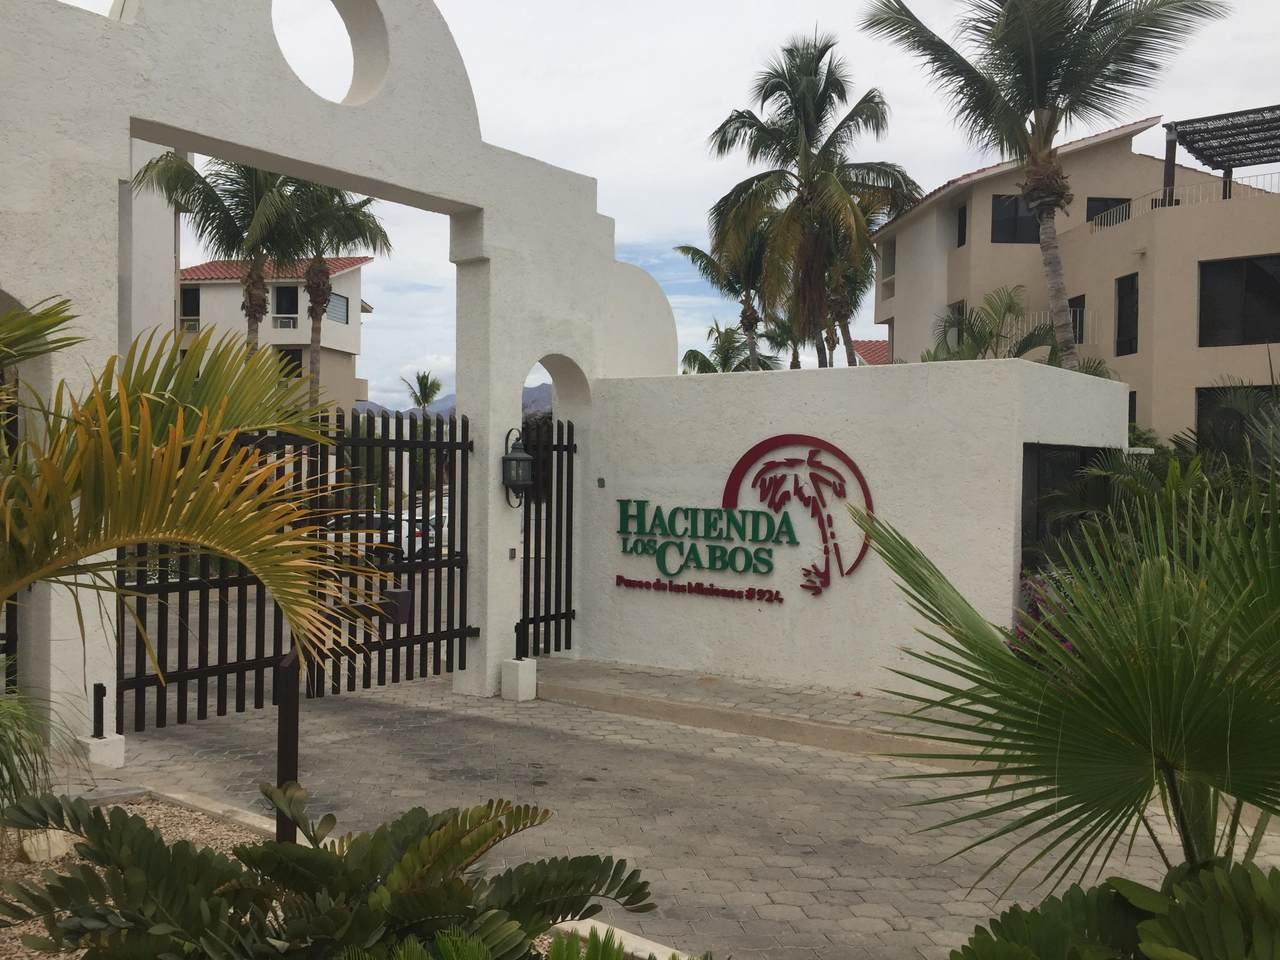 E7 Hacienda Los Cabos - Photo 1